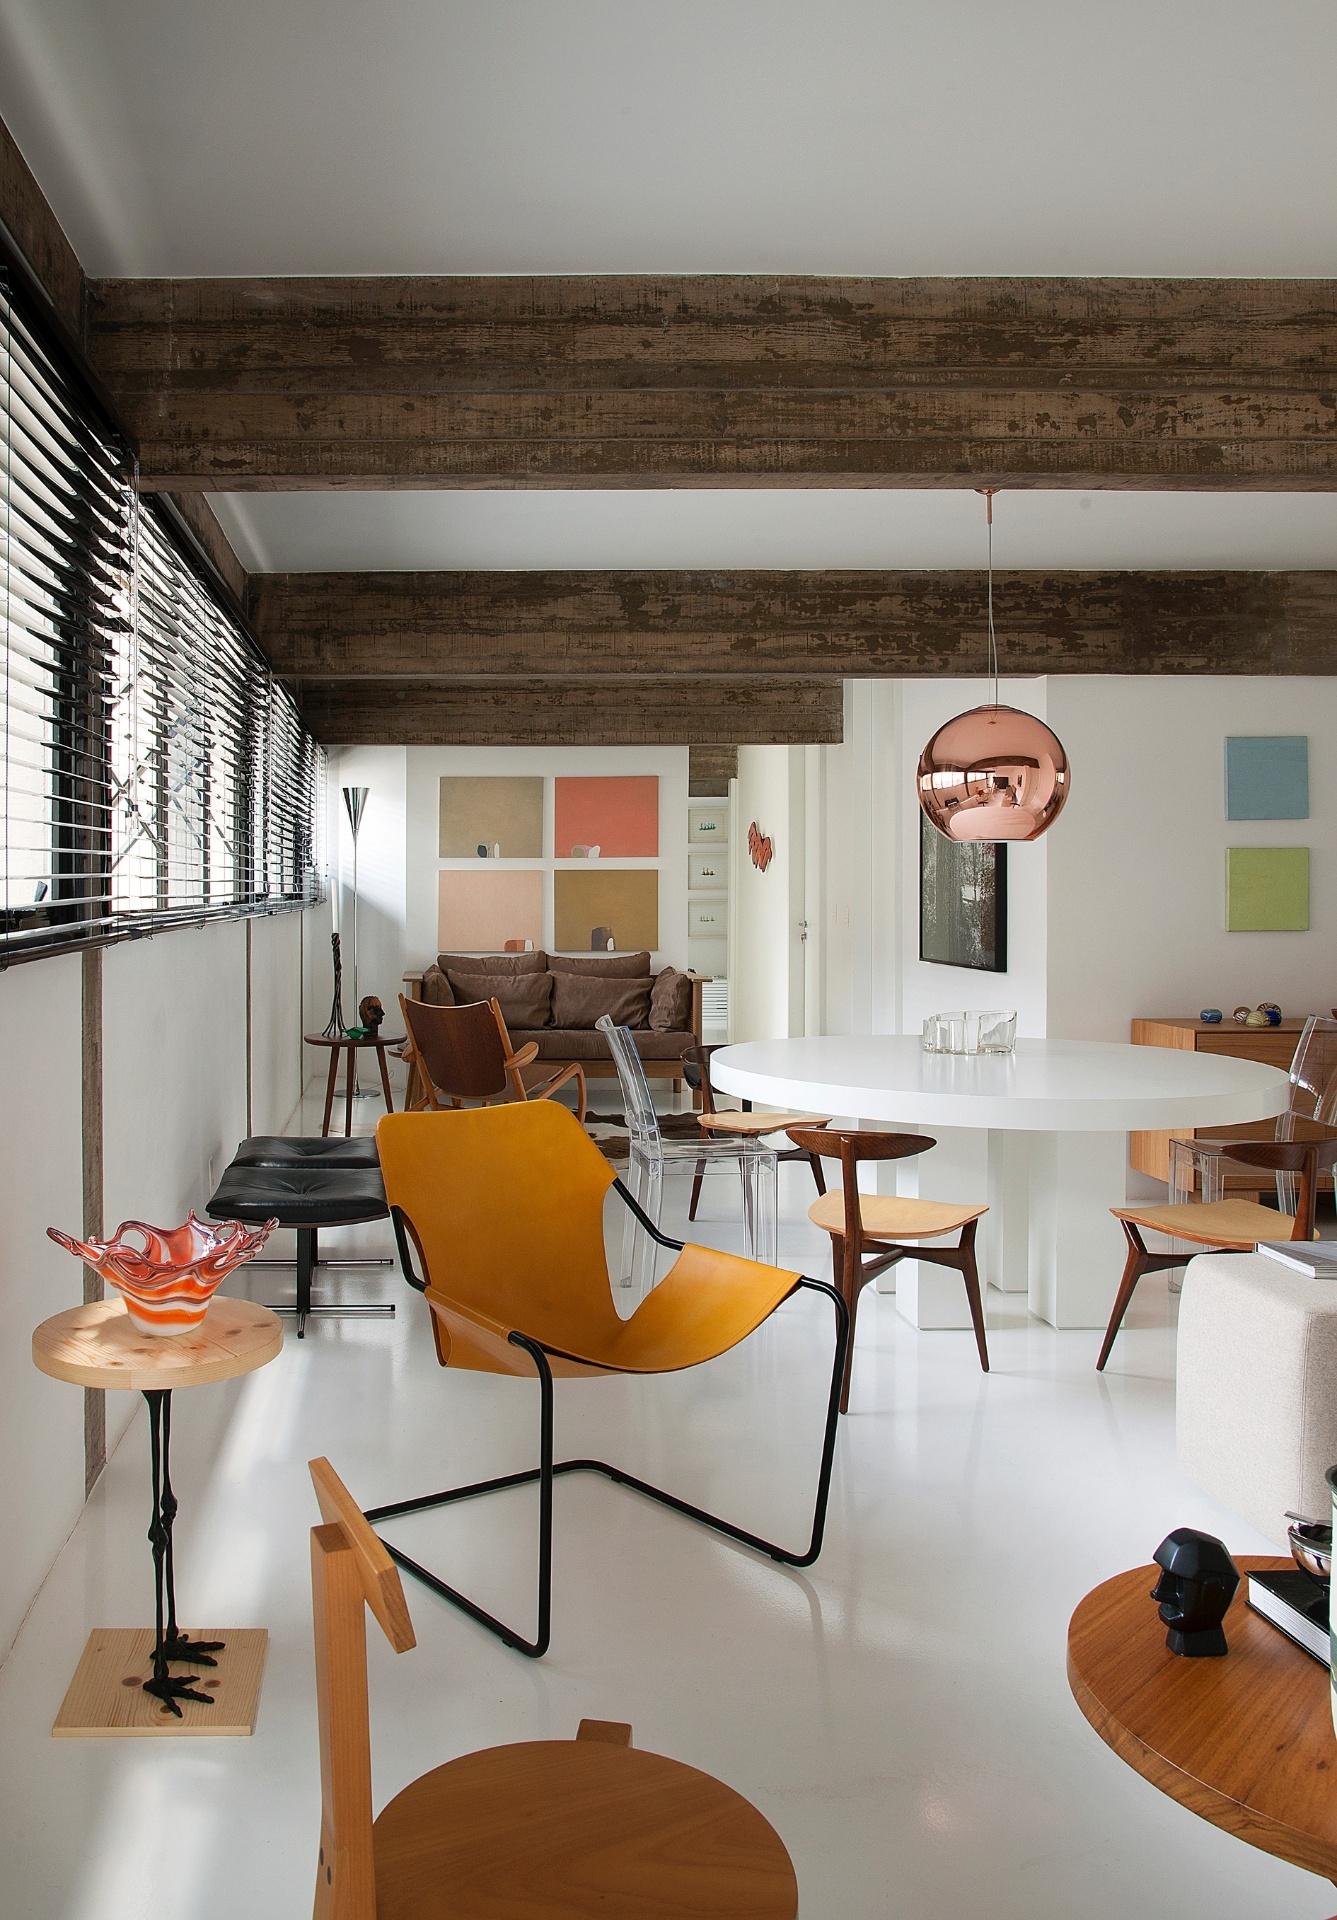 Junto à mesa (em primeiro plano), está uma cadeira Girafa, em madeira, assinada pela modernista Lina Bo Bardi (1914-92) e fabricada pela Marcenaria Baraúna. A poltrona em couro com estrutura de aço é do arquiteto Paulo Mendes da Rocha. Inusitada é a mesinha lateral (à esq.), do Estudio Manus: a peça em madeira tem pernas feitas com liga flexível que imitam um flamingo. Sobre ela está um vaso dos anos 50, em murano. A decoração foi desenvolvida pelo arquiteto Marcos Bertoldi, para o apê Itaim